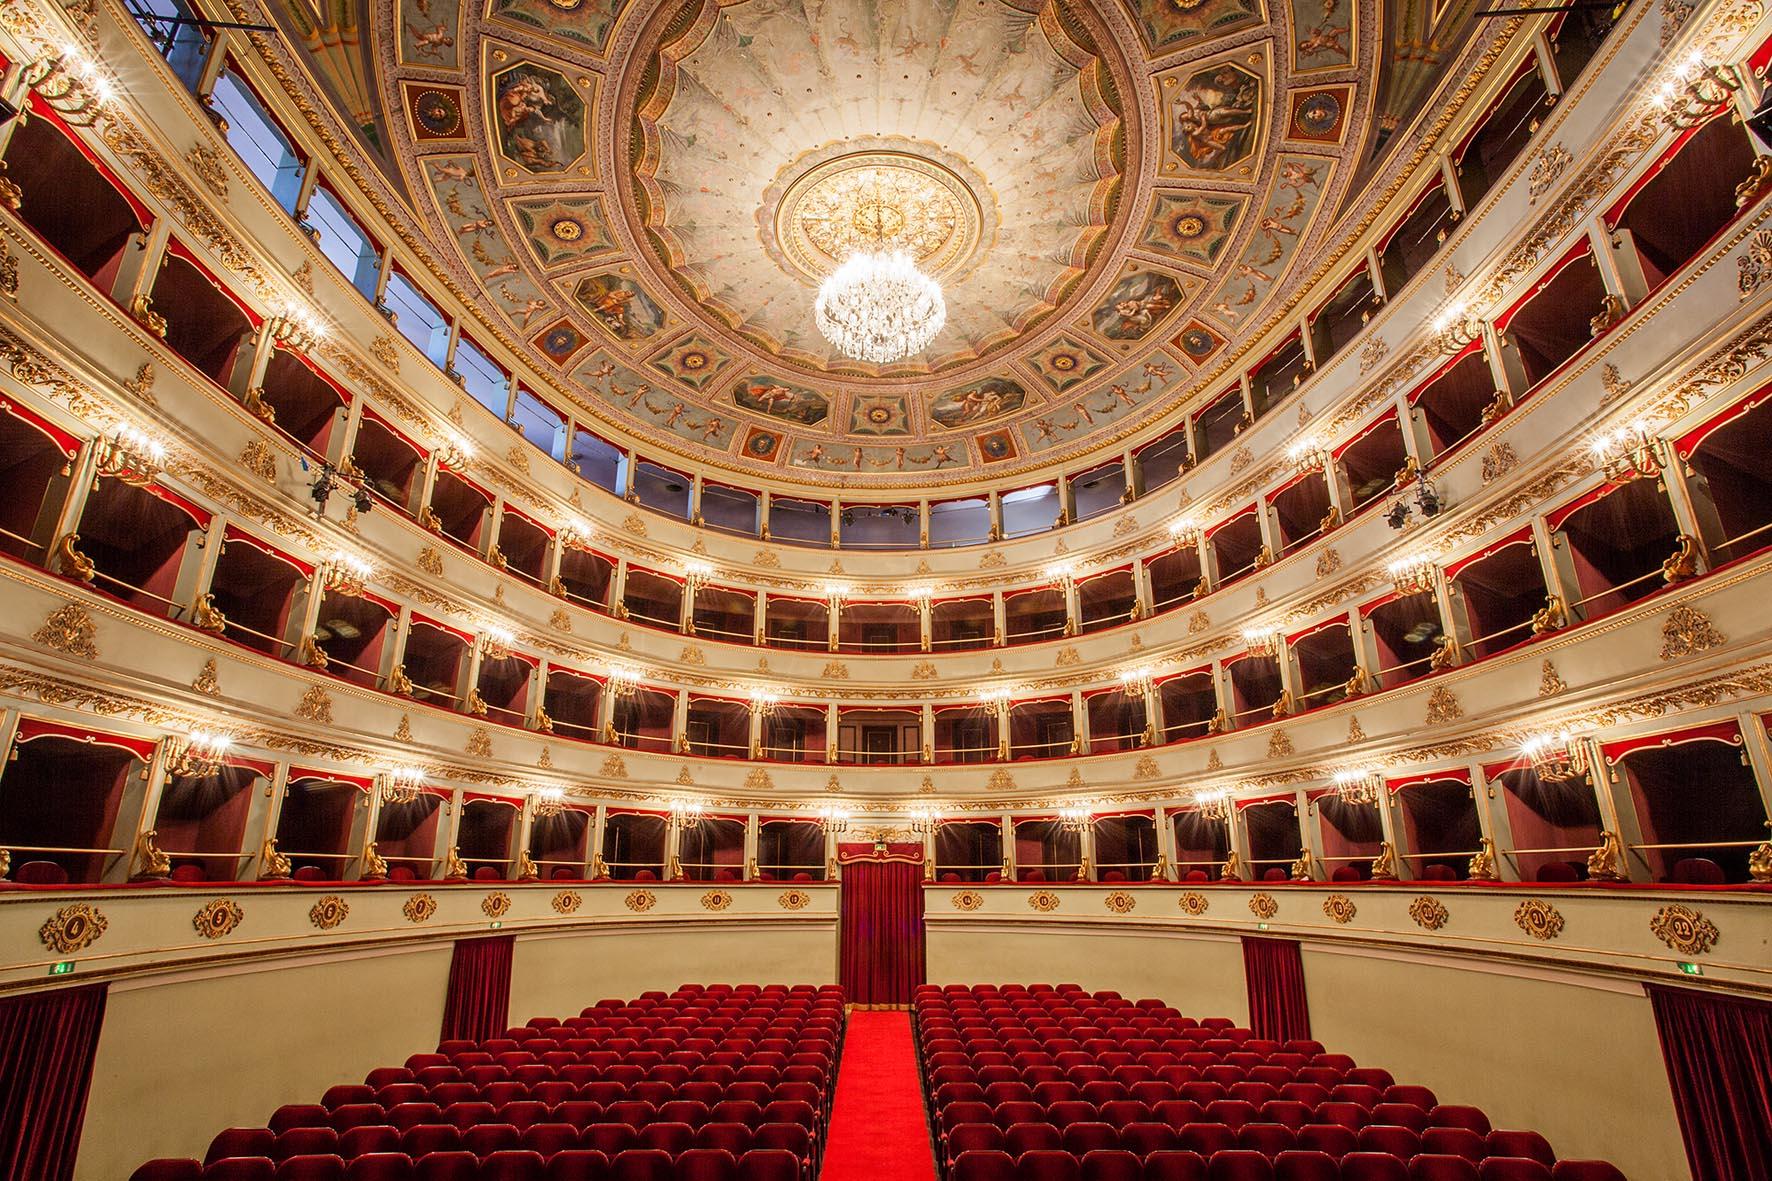 Riconoscimento dei teatri storici nelle Marche, il dem Verducci presenta disegno di legge